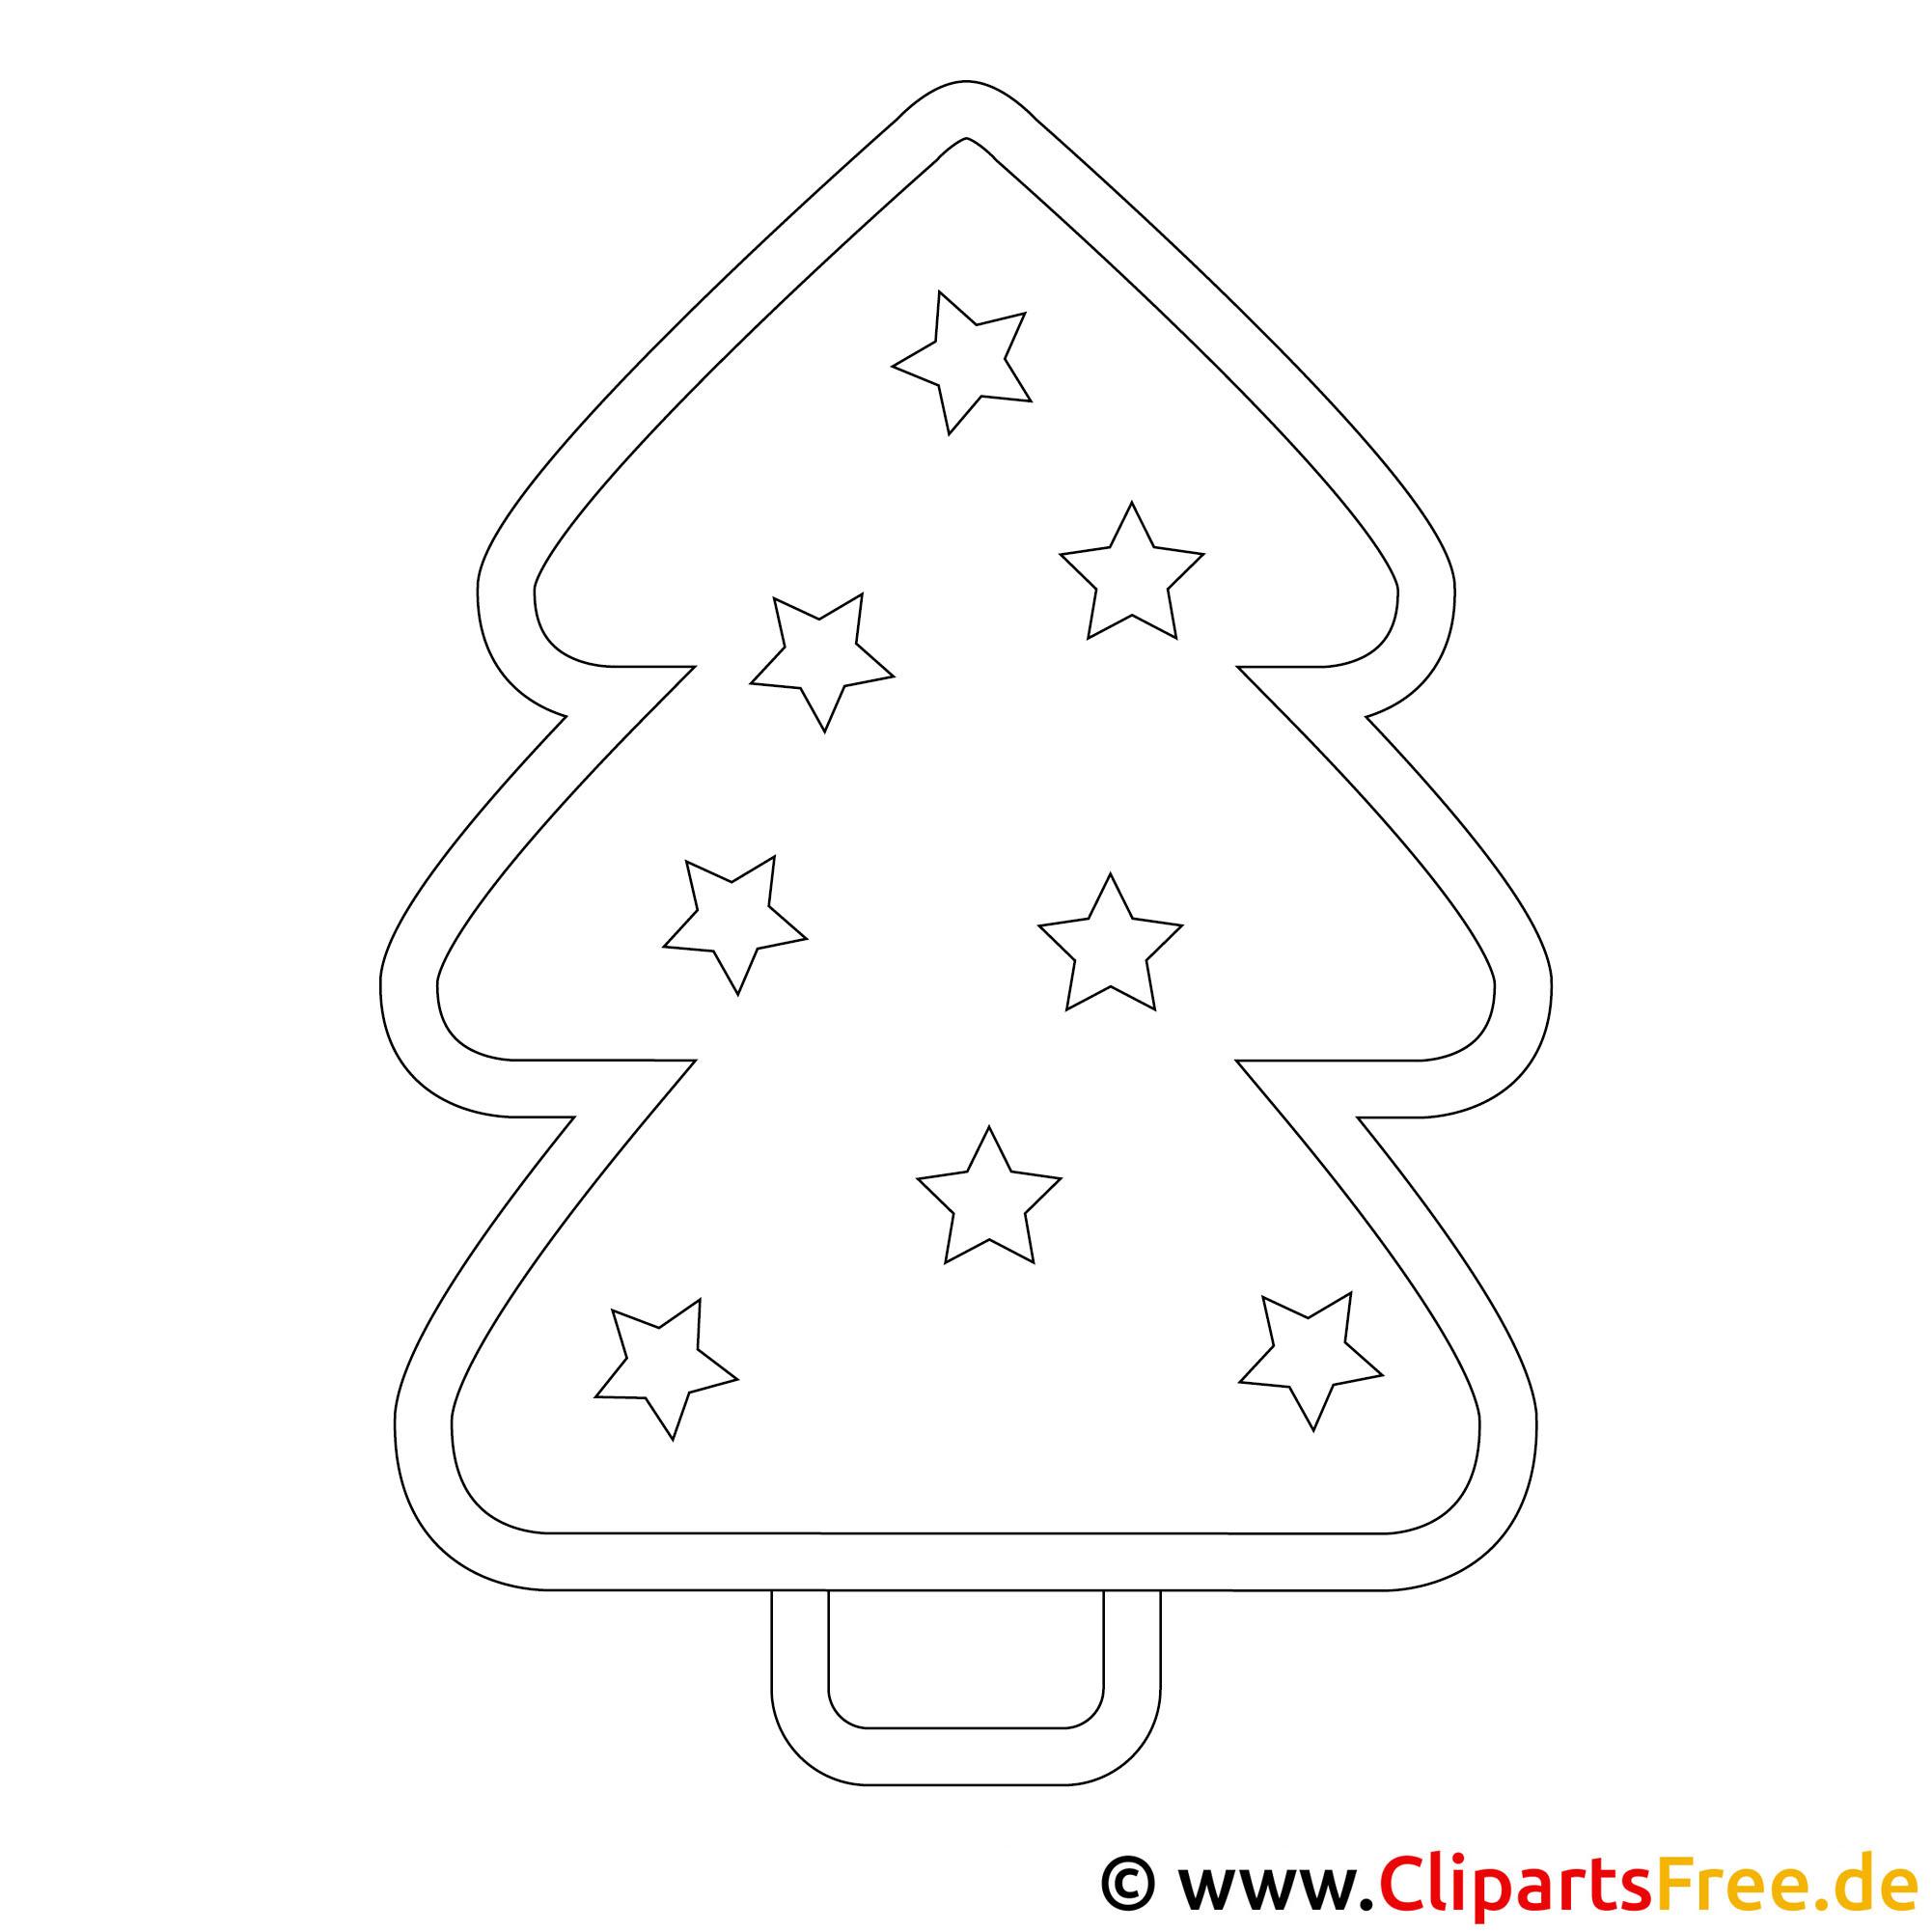 windowcolor malvorlagen zu weihnachten weihnachtsbaum zum ausdrucken. Black Bedroom Furniture Sets. Home Design Ideas